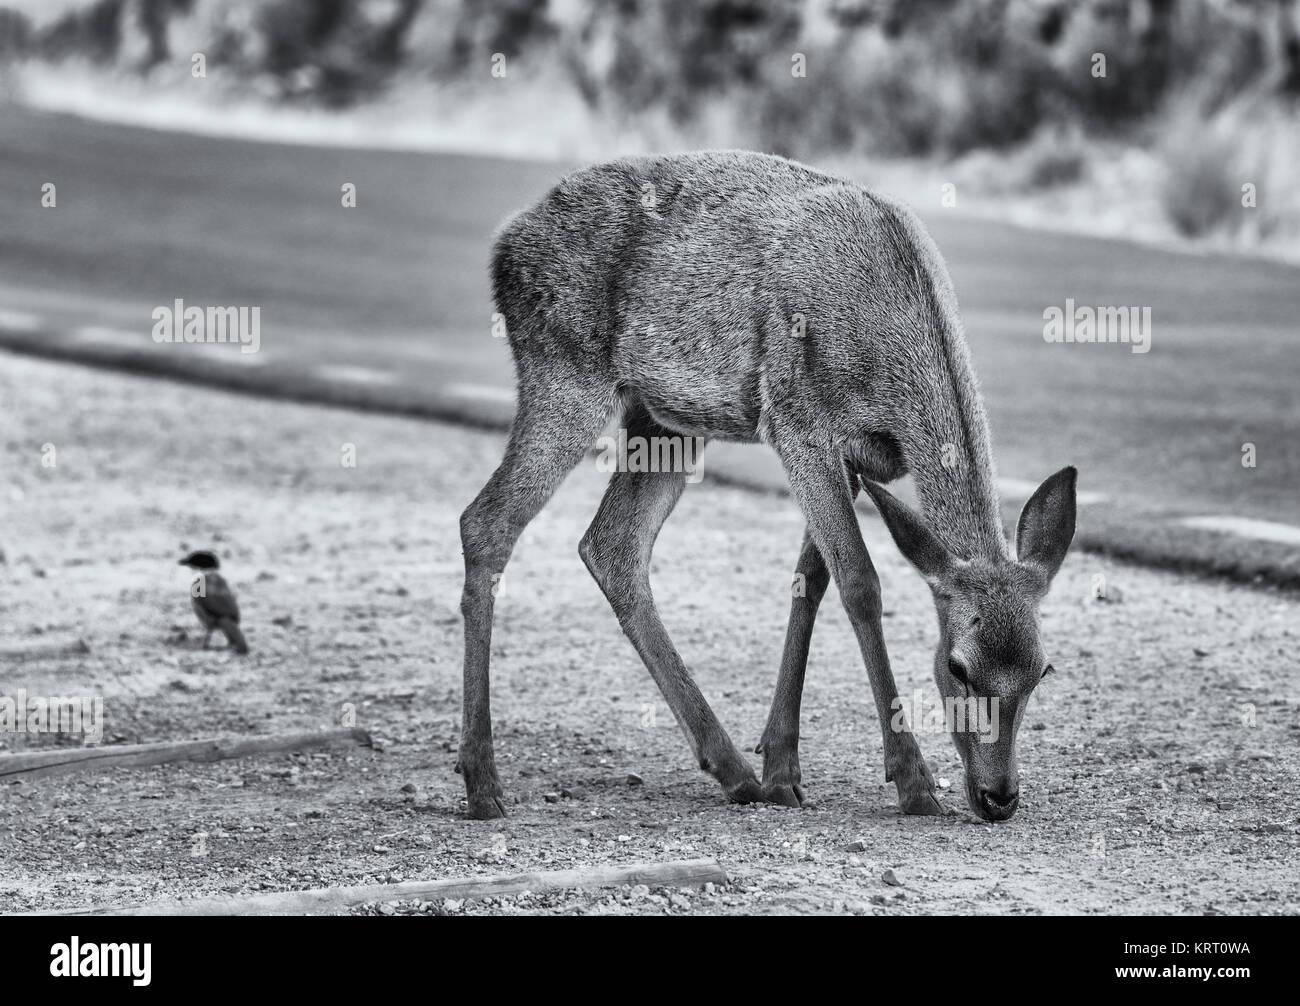 Leonado fotografiado en el Parque Nacional de Monfragüe. España. Imagen De Stock